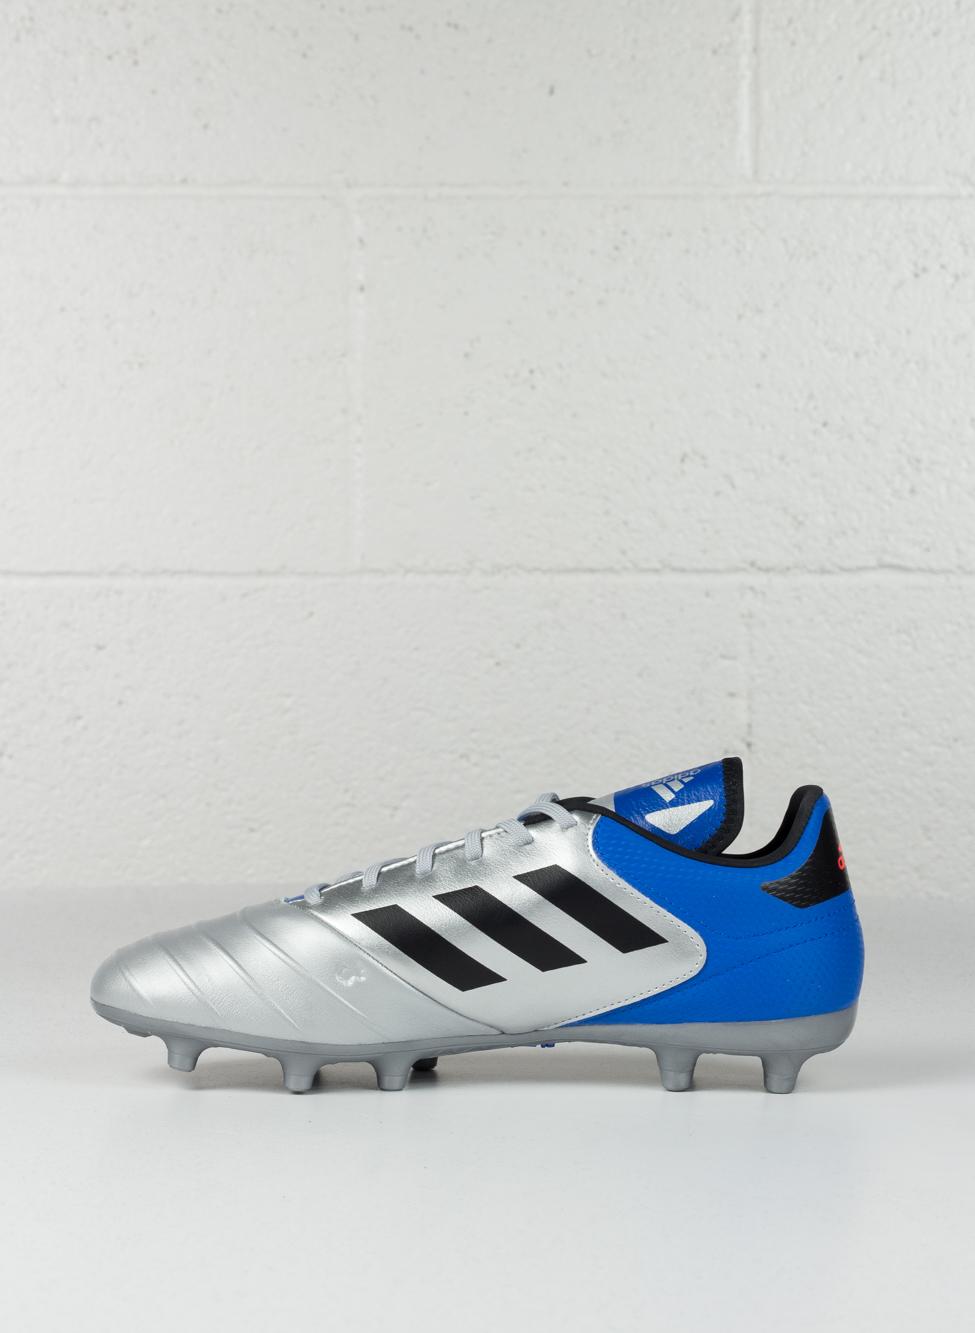 Acquista scarpe da calcetto adidas | fino a OFF74% sconti